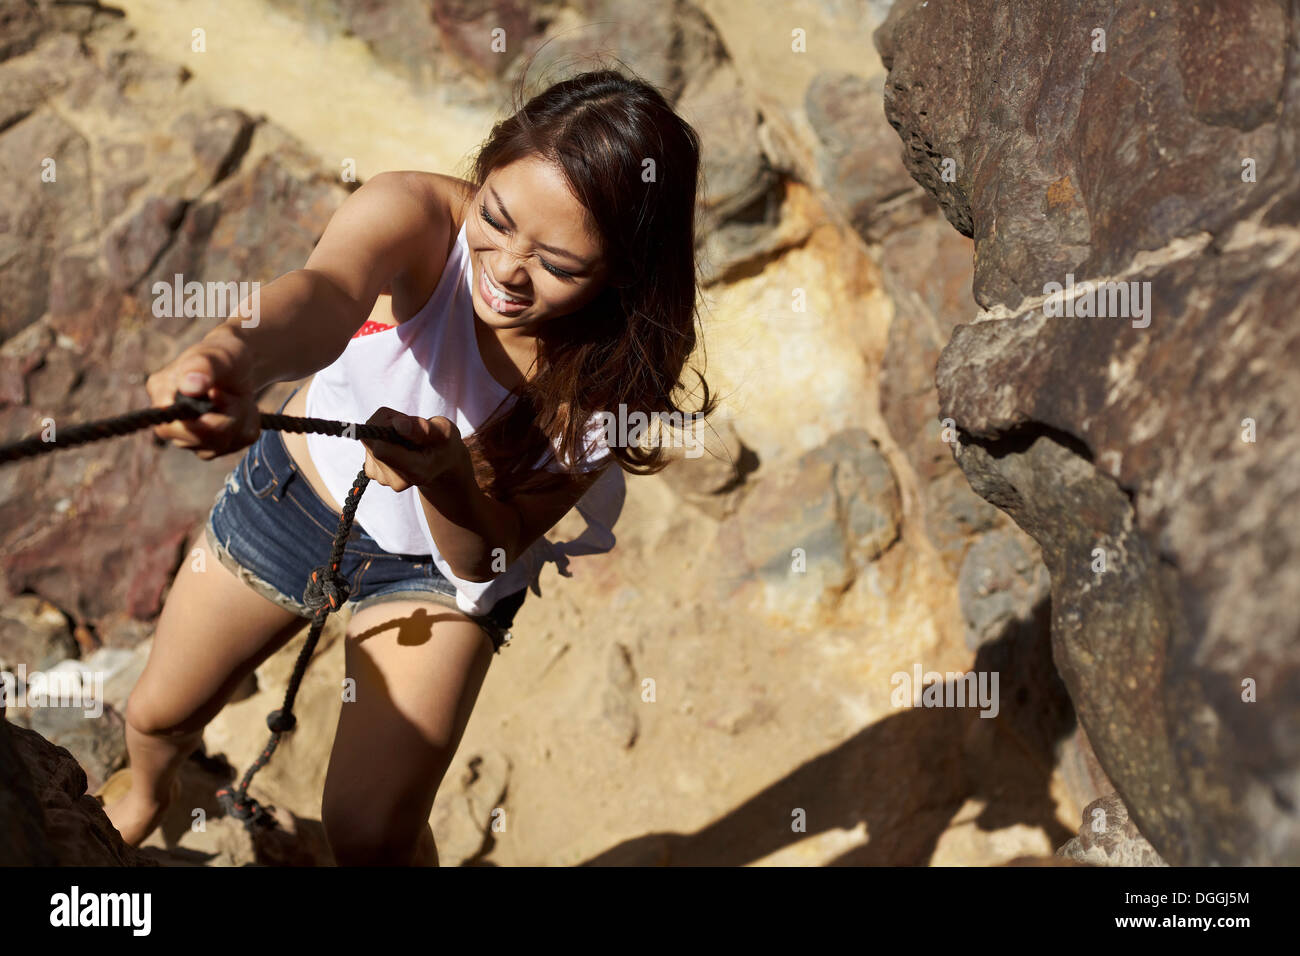 Junge Frau, Kletterfelsen, Palos Verdes, Kalifornien, USA Stockbild